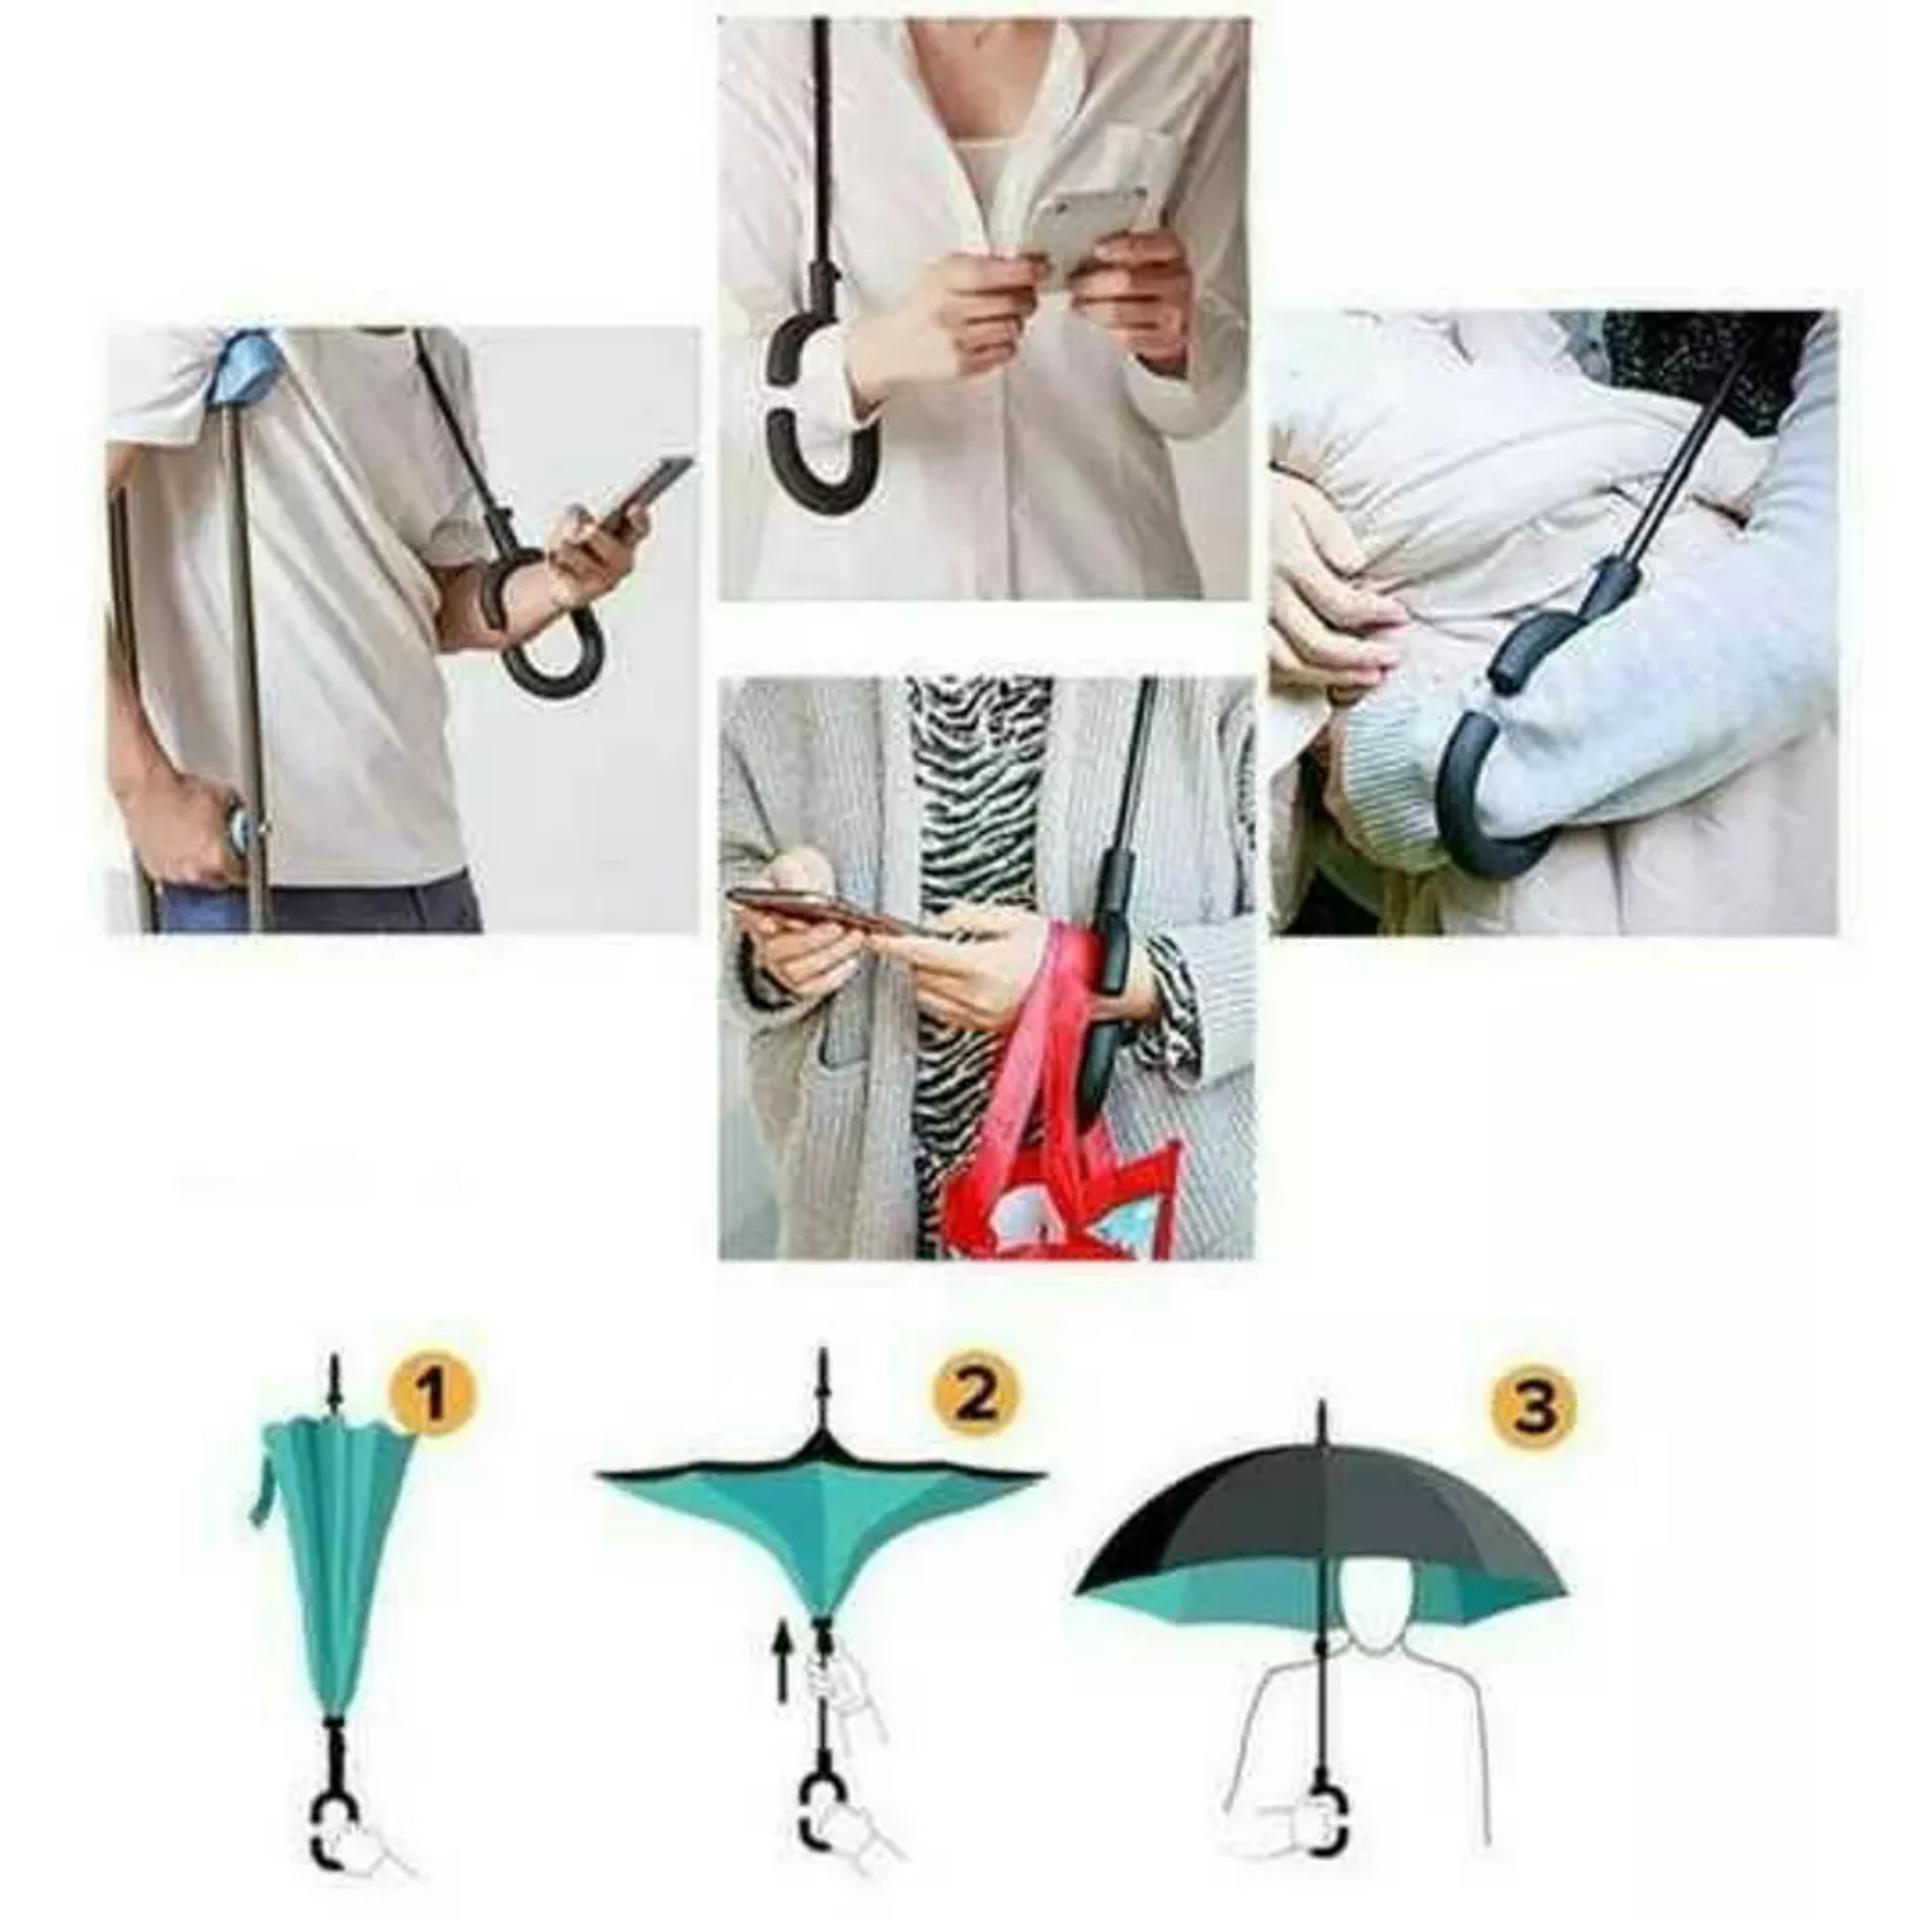 Payung Terbalik Kazbrella Payung Mobil Reverse Umbrella Gagang C - 4 .